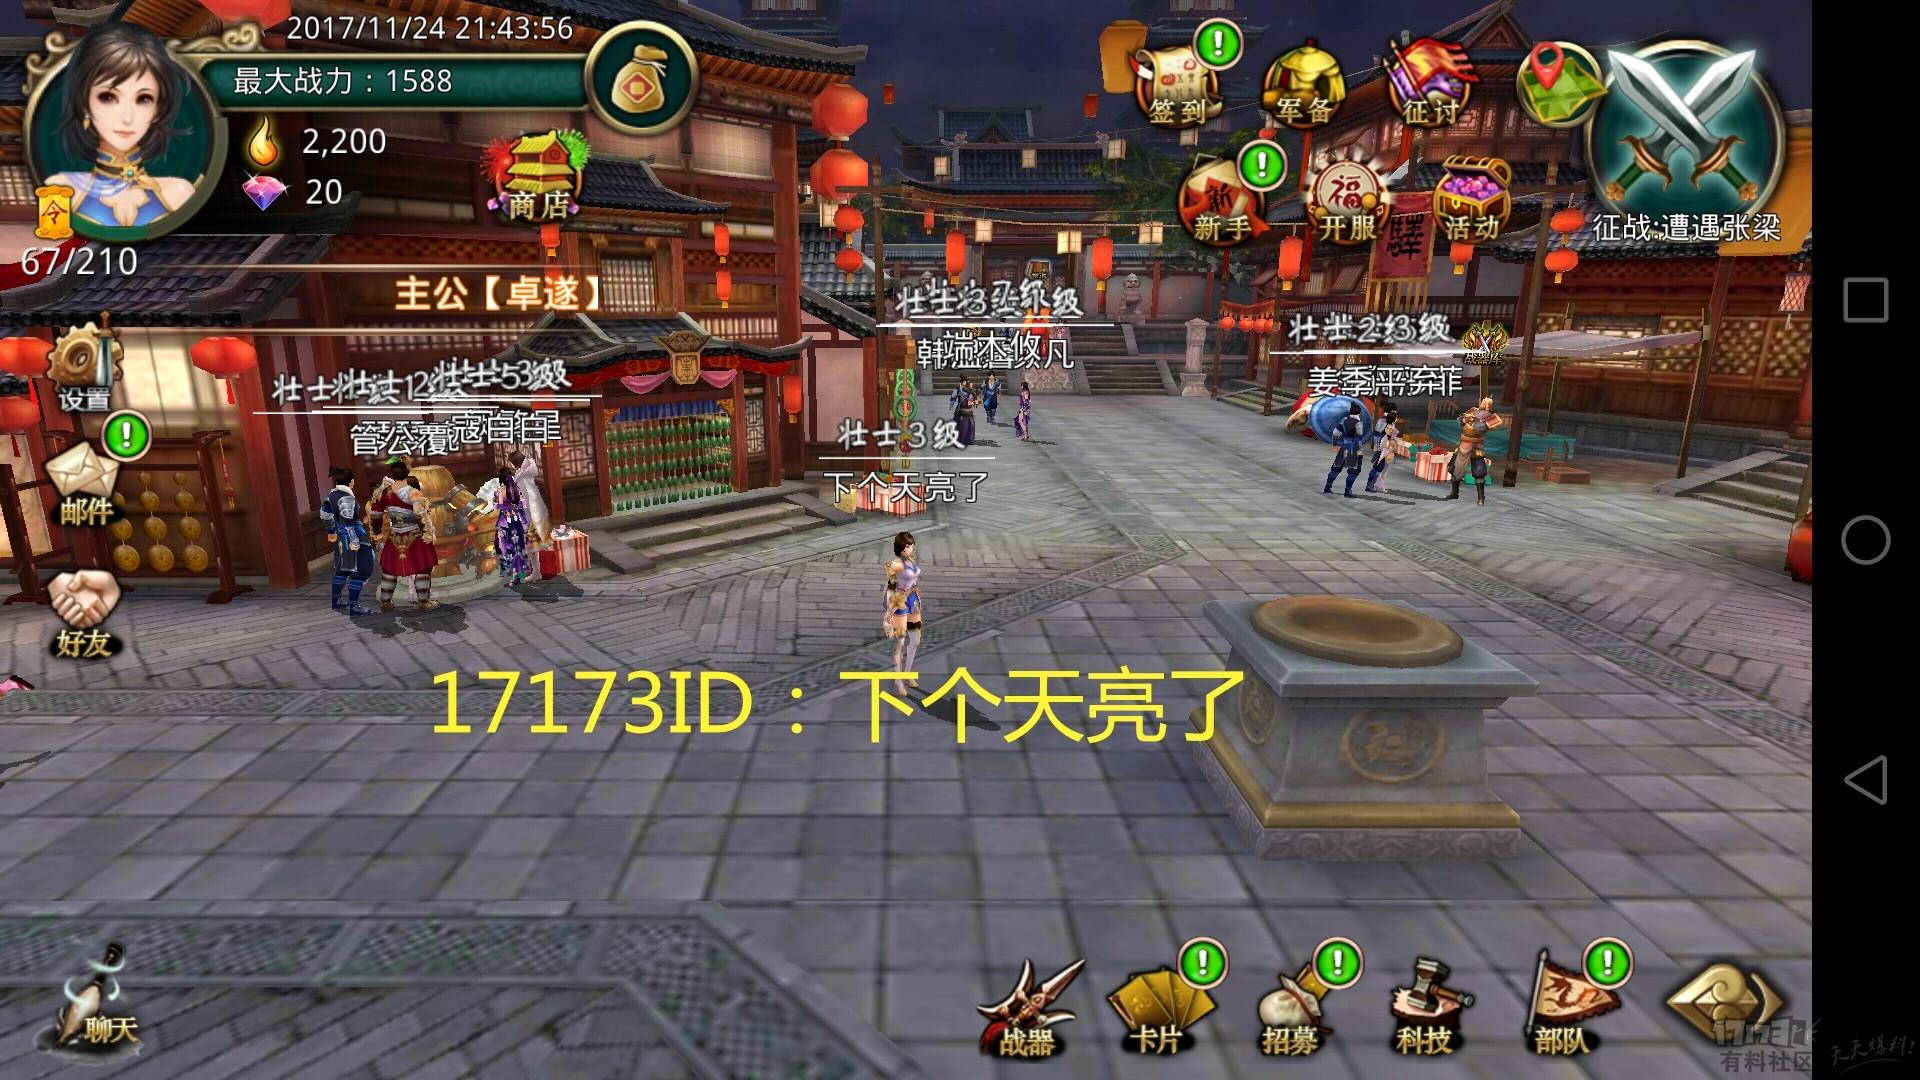 啪啪三国_17173.jpg